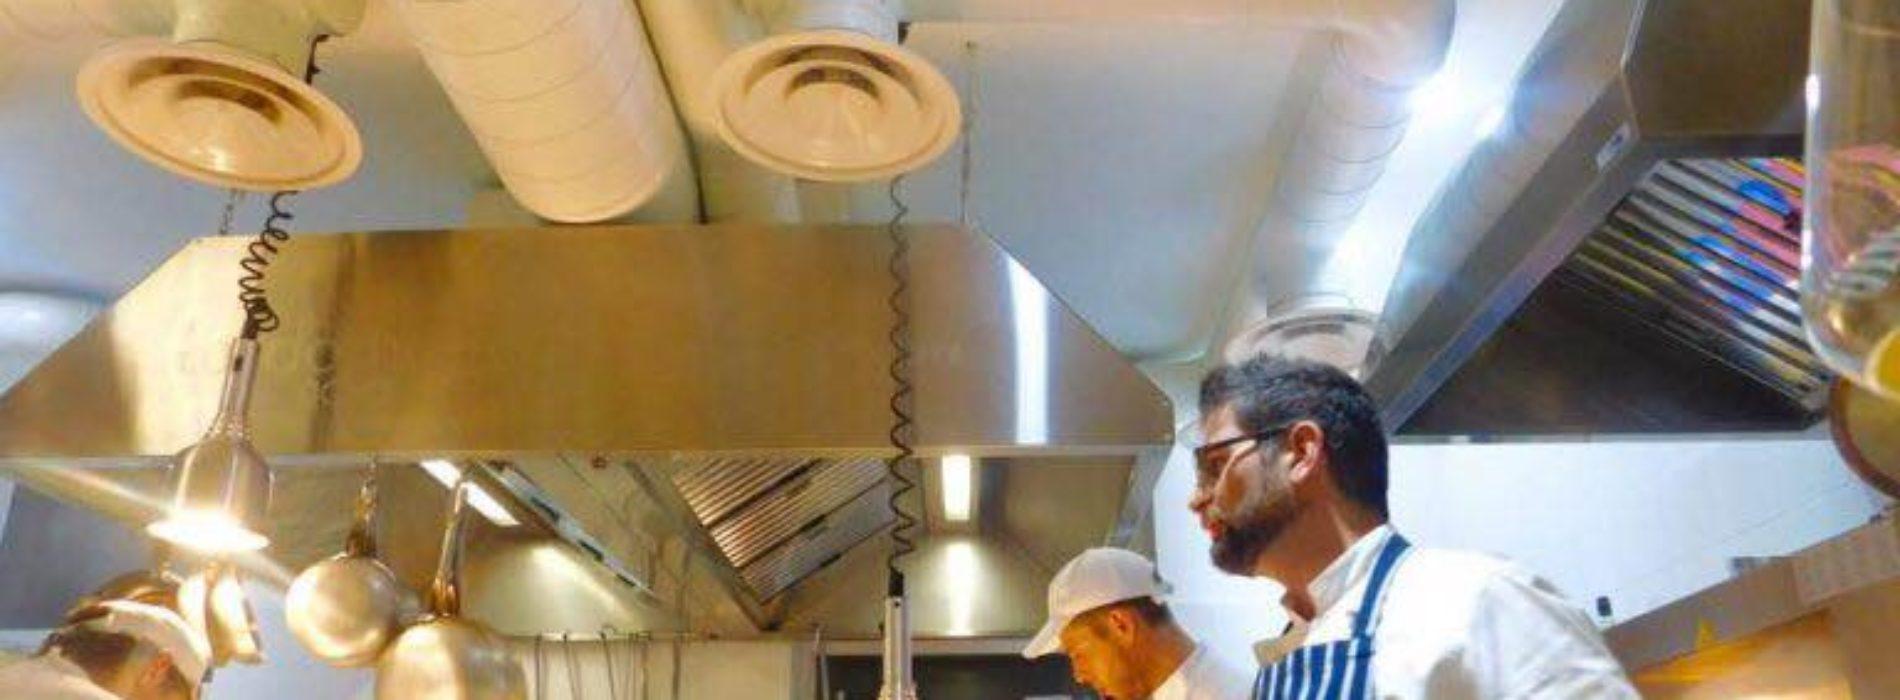 Cenone di Capodanno Roma 2017: i migliori ristoranti con menu e prezzi